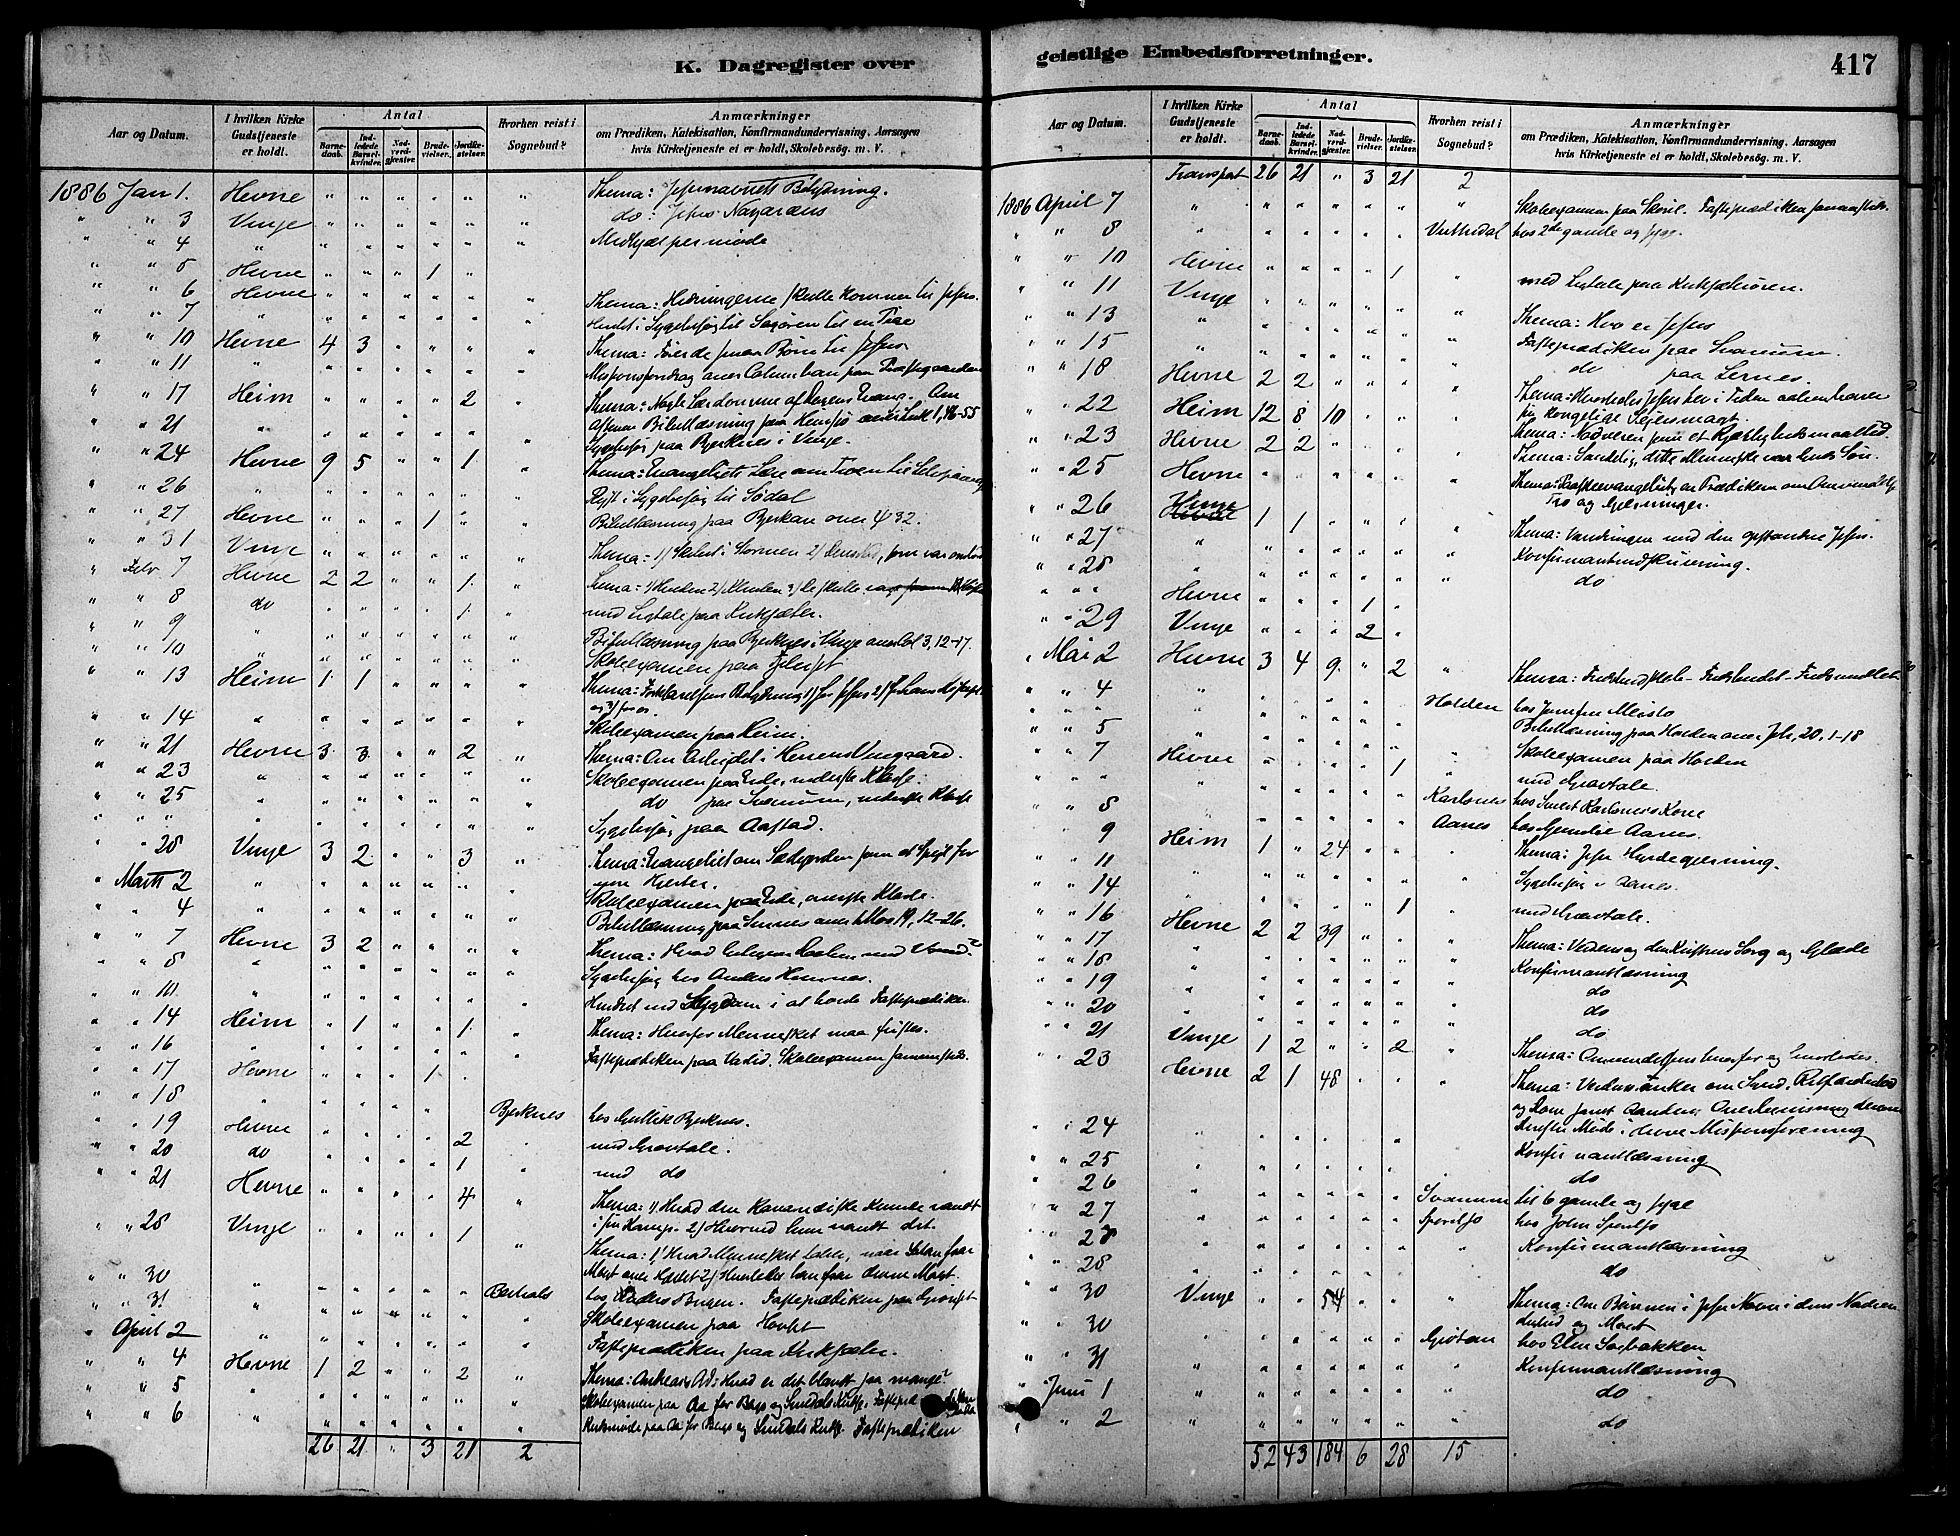 SAT, Ministerialprotokoller, klokkerbøker og fødselsregistre - Sør-Trøndelag, 630/L0496: Ministerialbok nr. 630A09, 1879-1895, s. 417